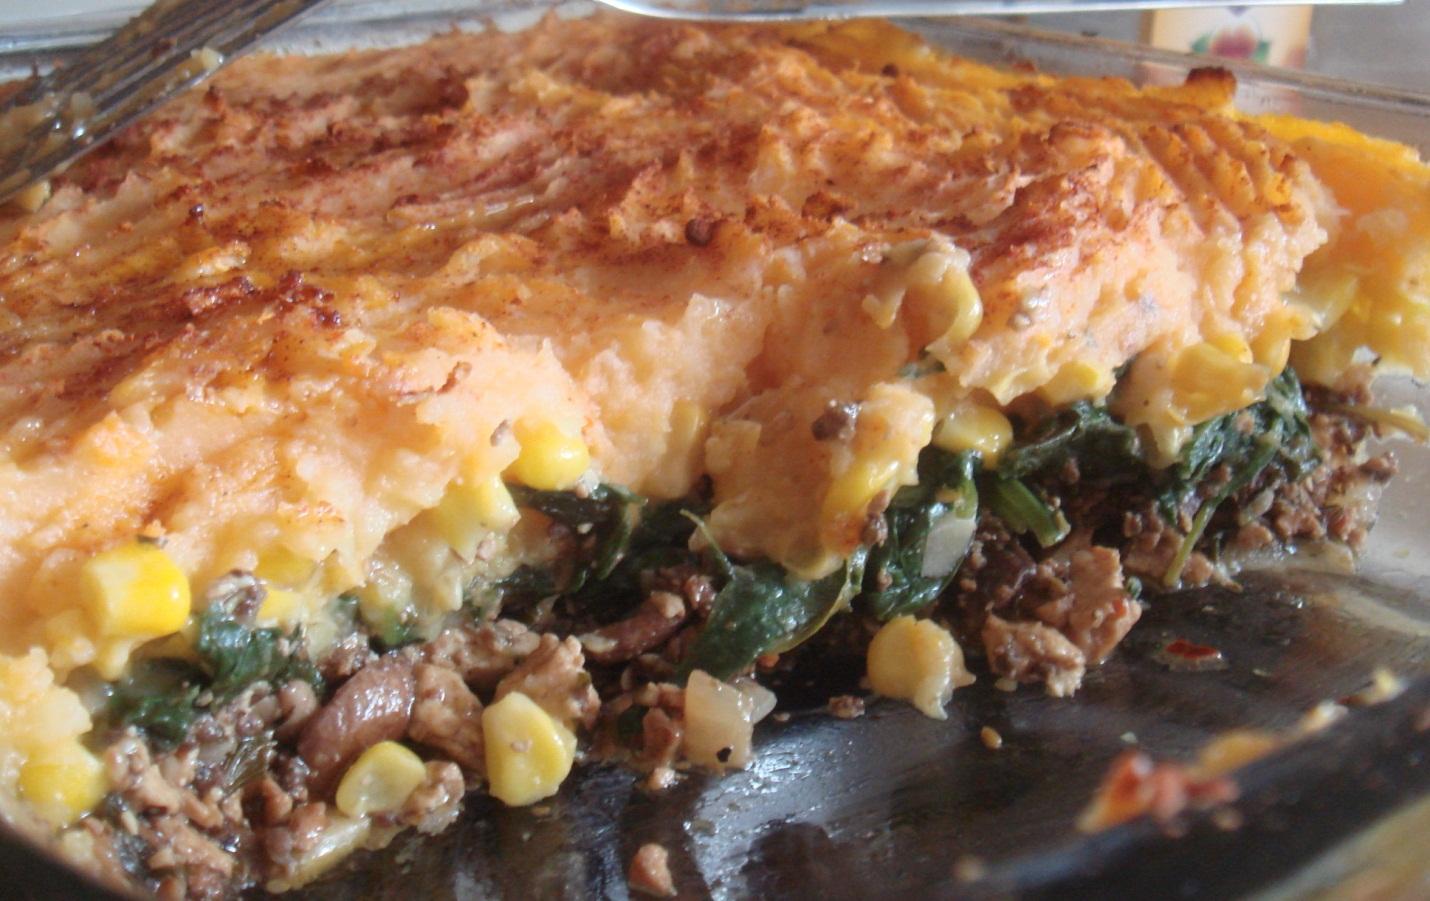 Vegan Sherperd's pie